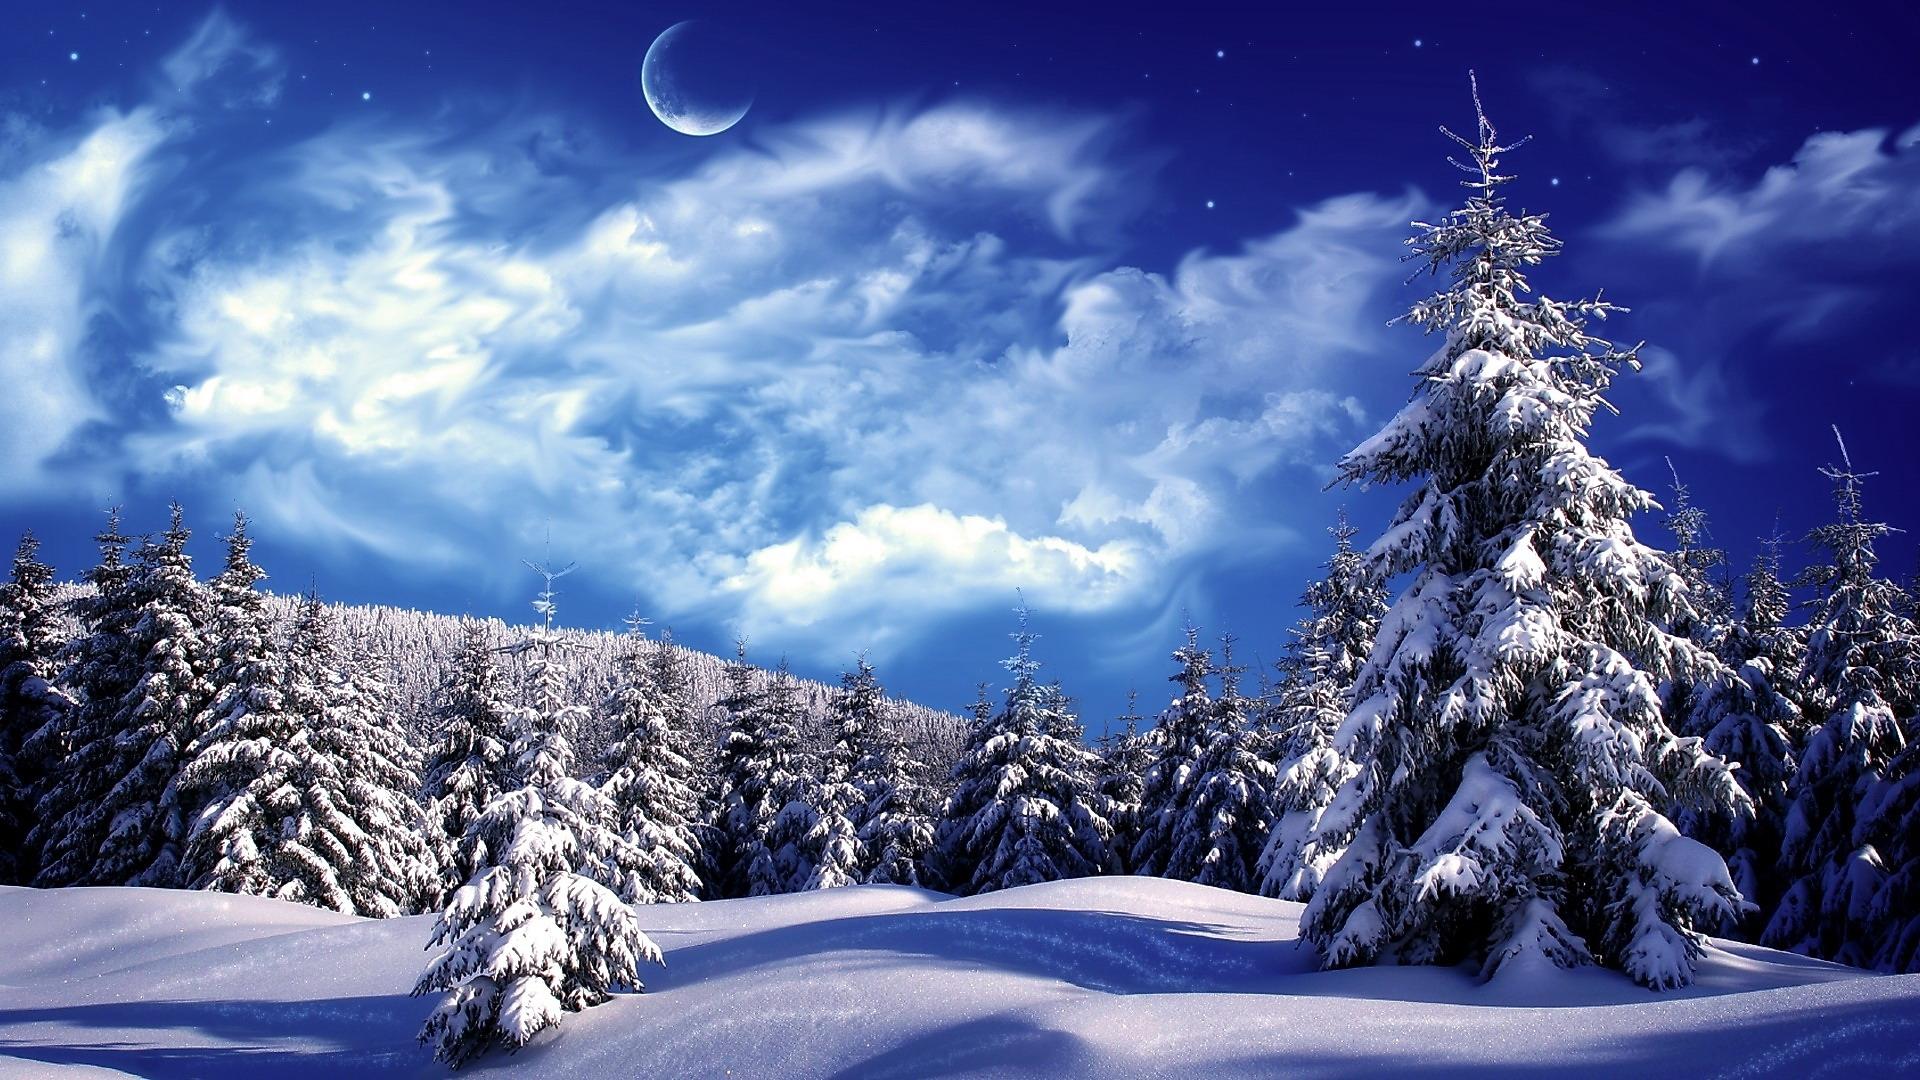 snowy winter scenes wallpaper   snowy wonderland, mountain, scene